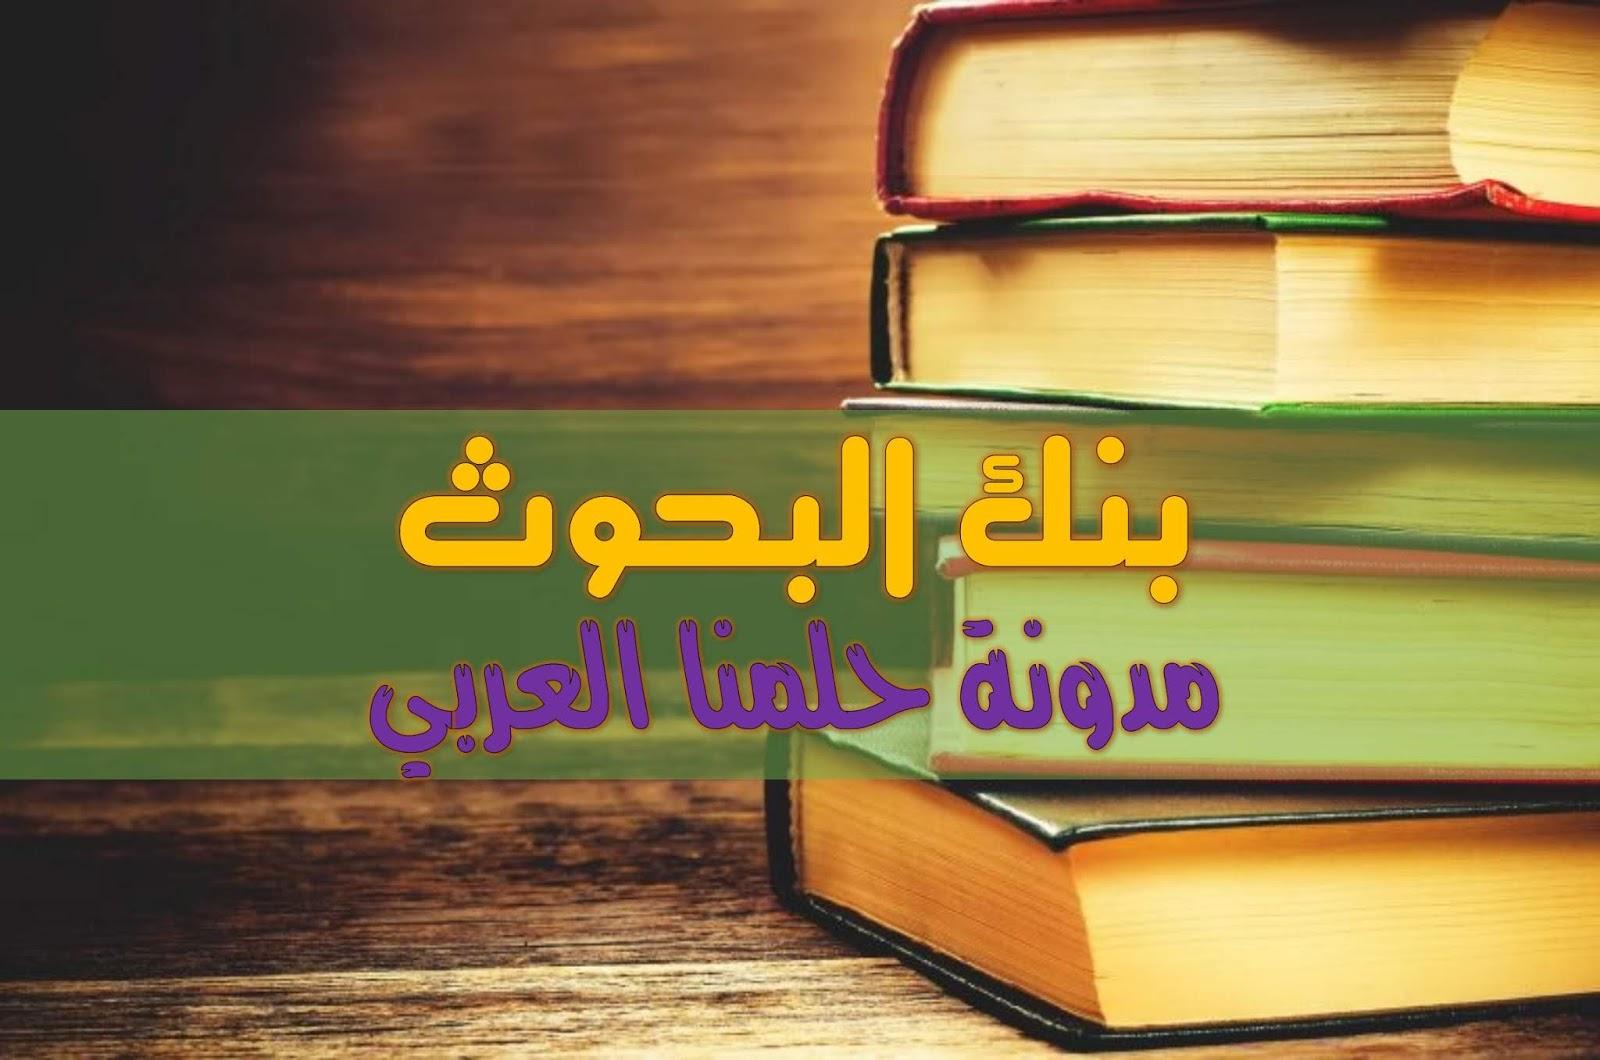 مجموعة رائعة لأكثر من غلاف بحث لجميع المراحل وقابل للتعديل Word برابط مباشر مدونة حلمنا العربي